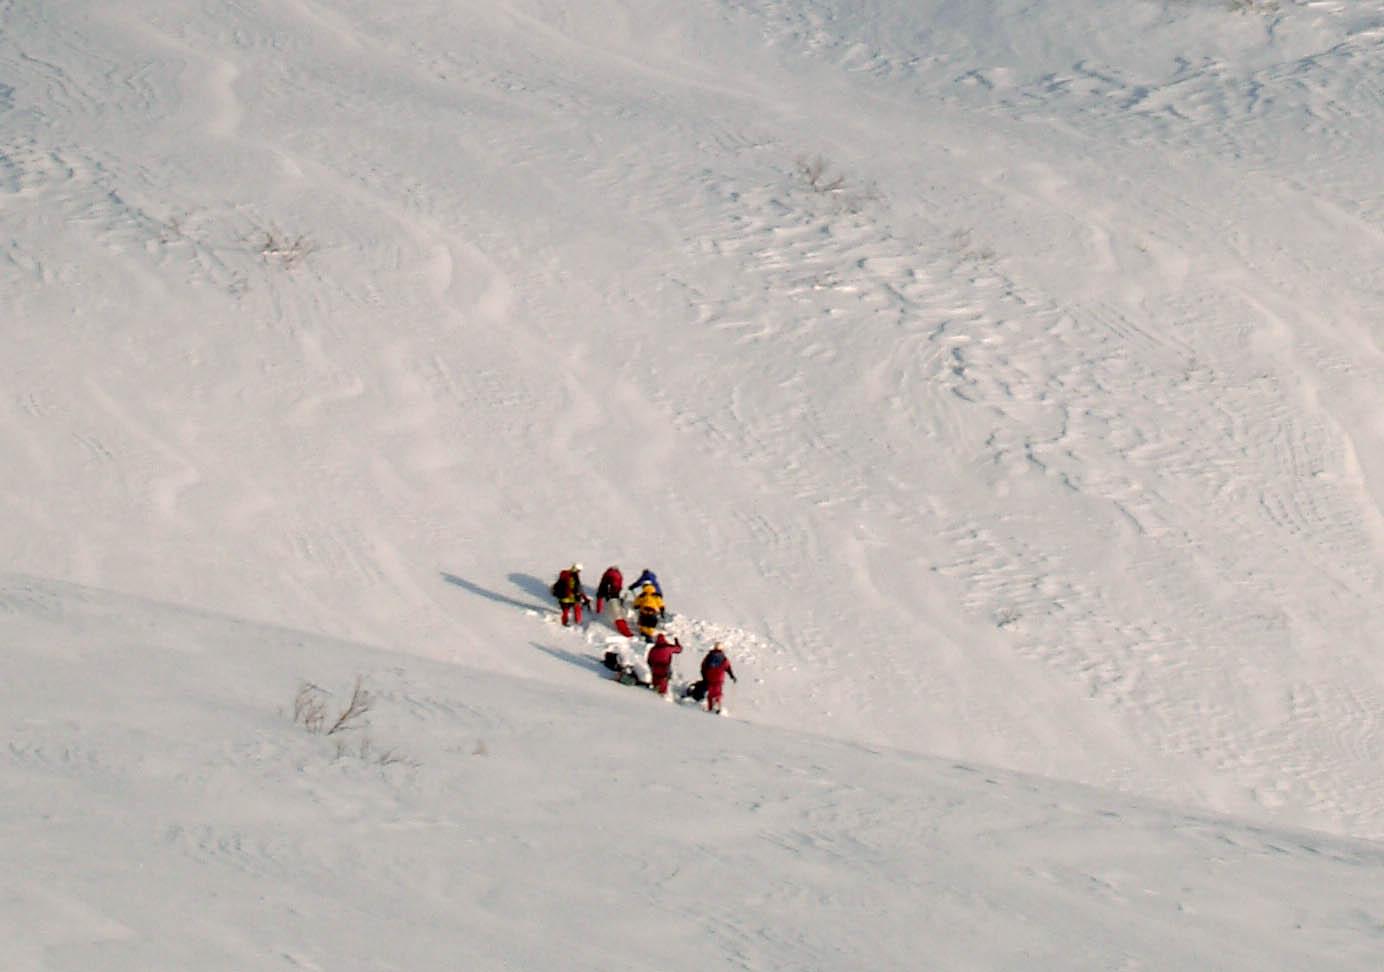 遭難者回収のための準備(山岳救助隊による弱層テストなど)